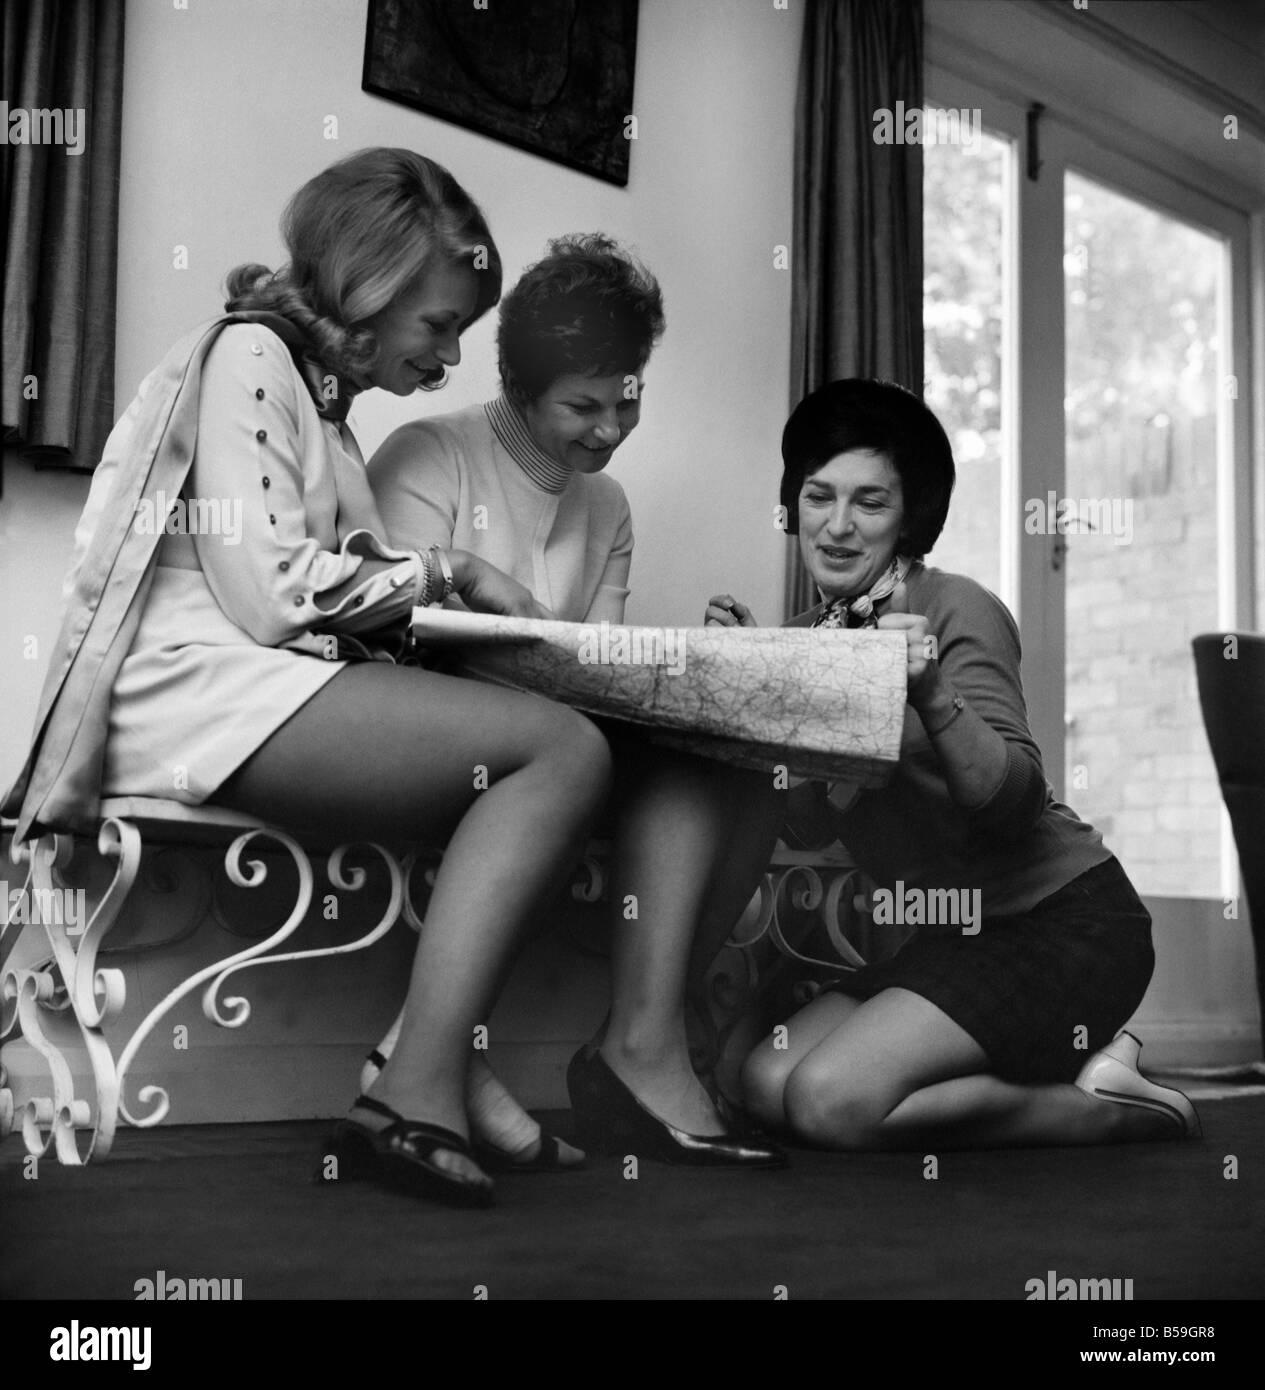 Personen: Frau: zwei Surrey s Hausfrauen, Peggy Preston, 35 und Vicky Courtney, 39 zusammen mit Vicky, 21 jährige Stockbild